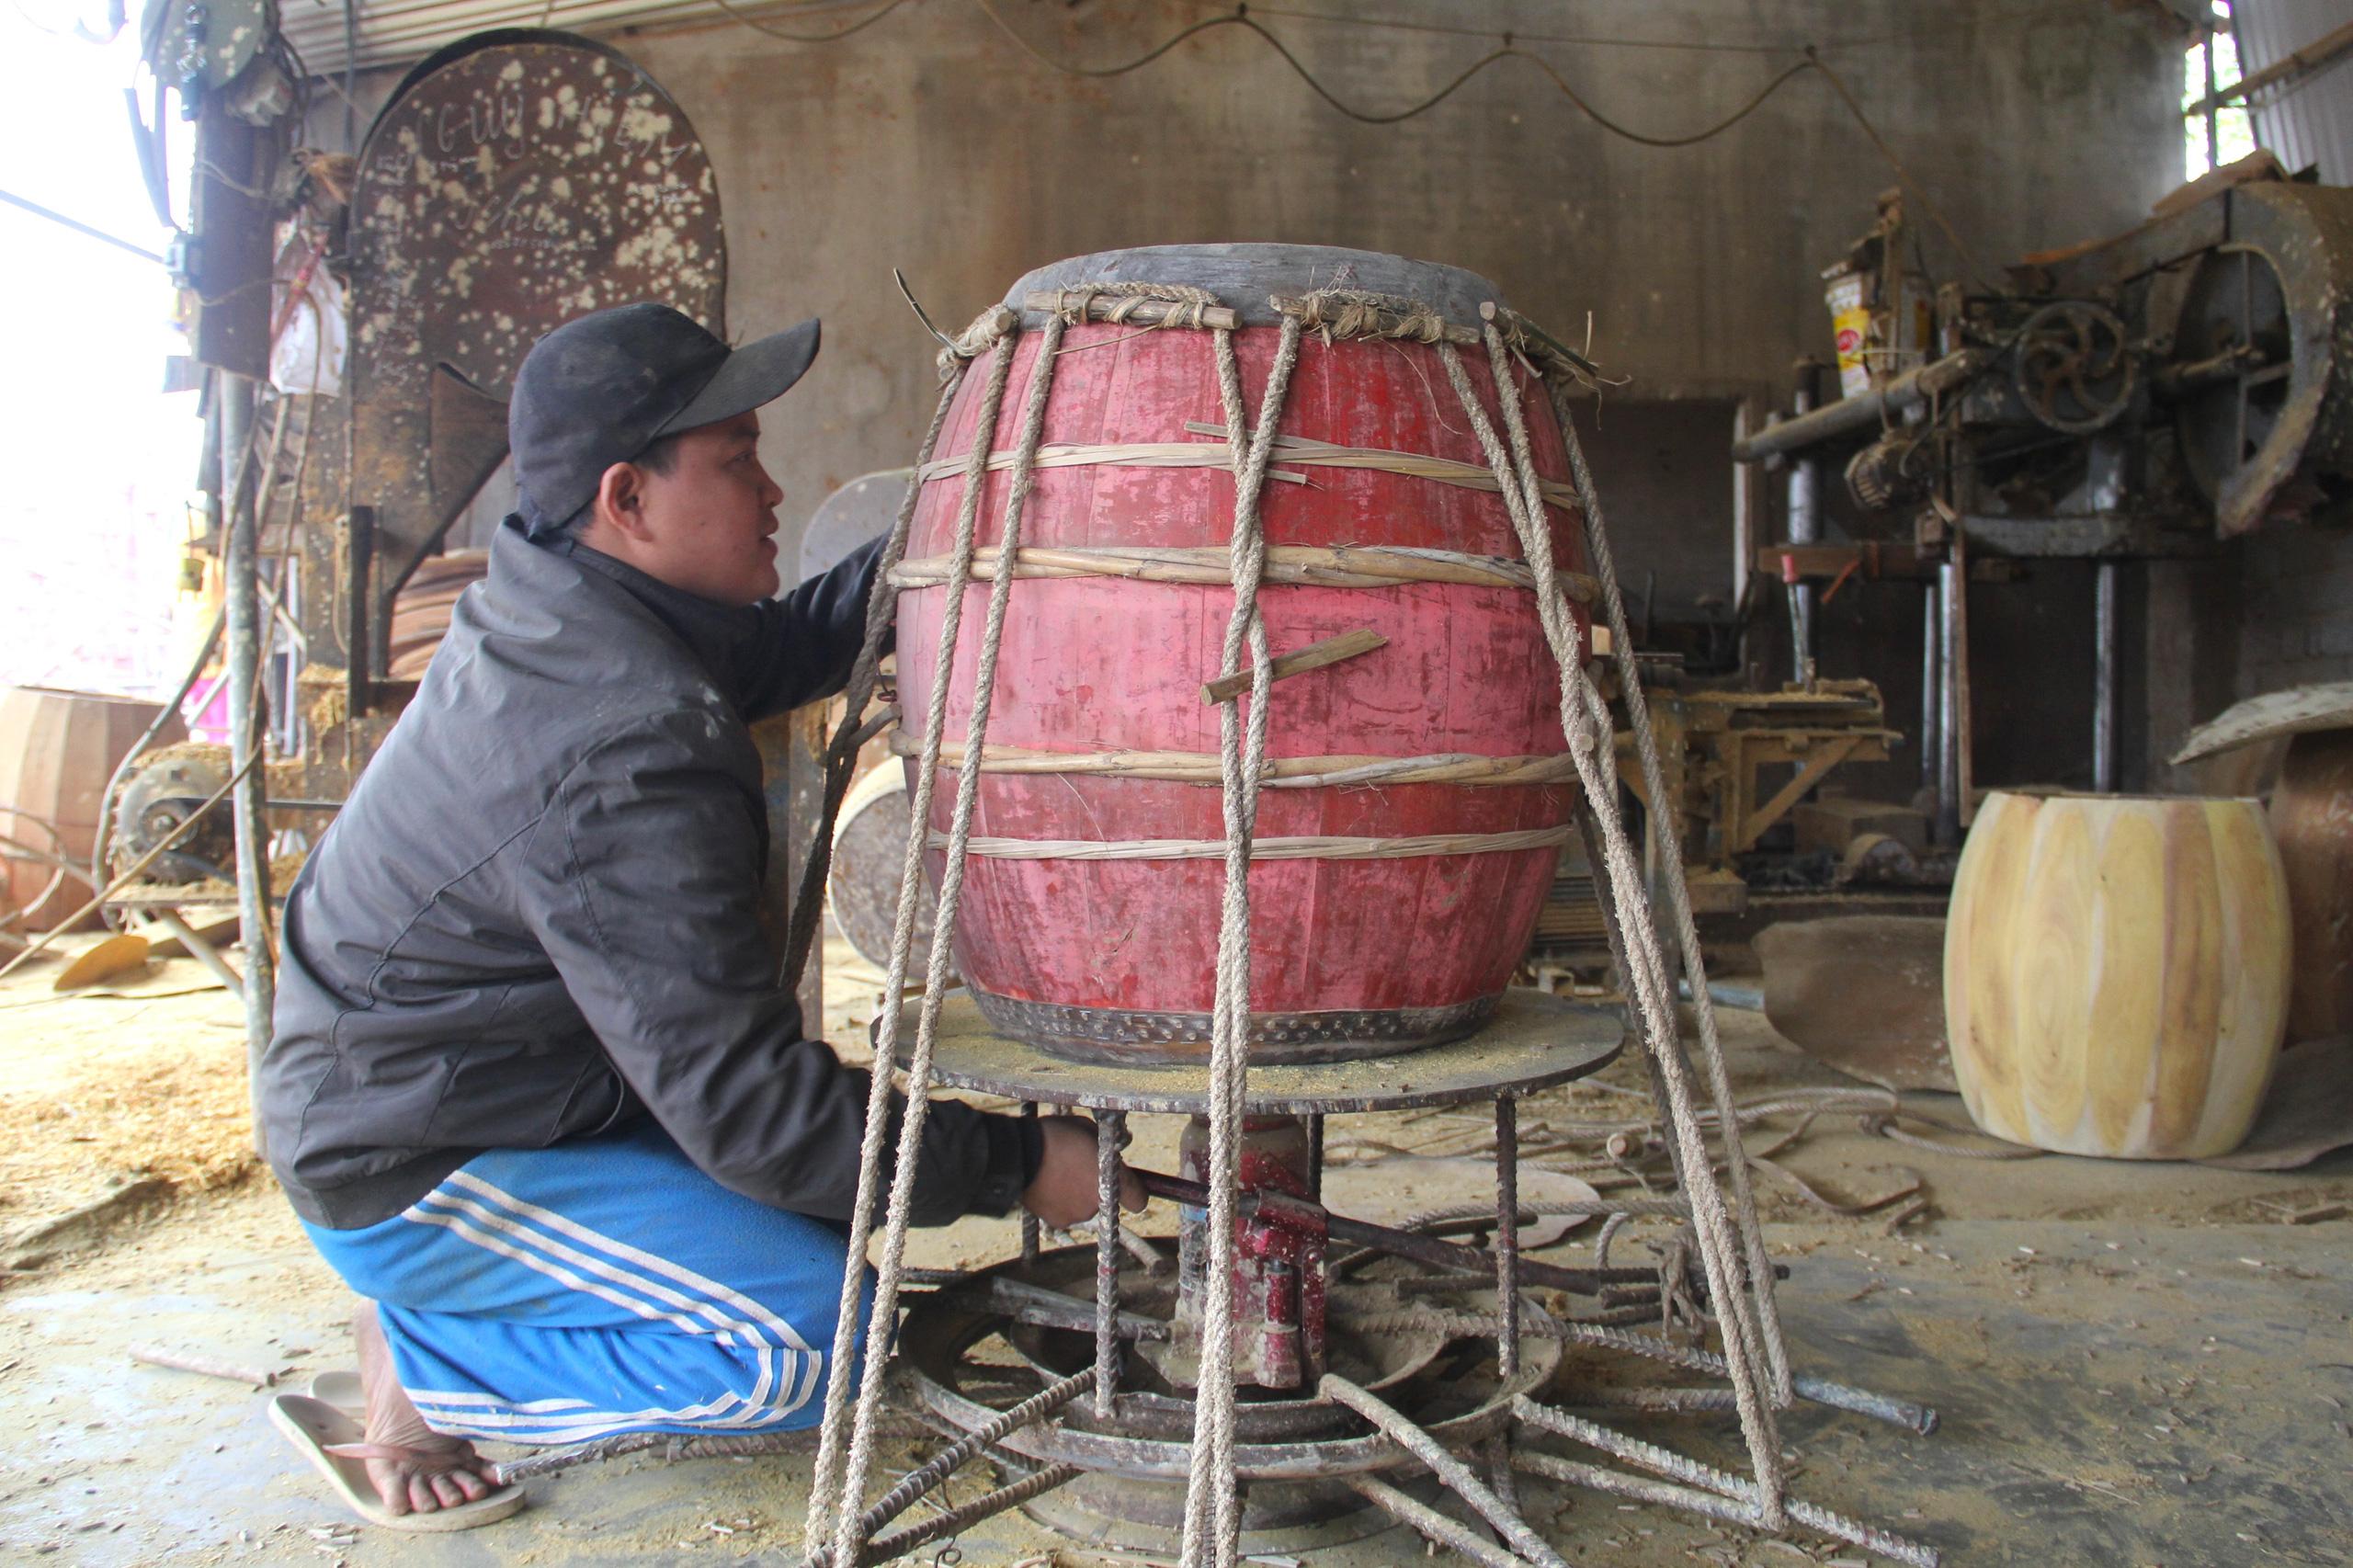 Cận cảnh quá trình thuộc da trâu, bò làm trống của những người thợ tài hoa - Ảnh 10.